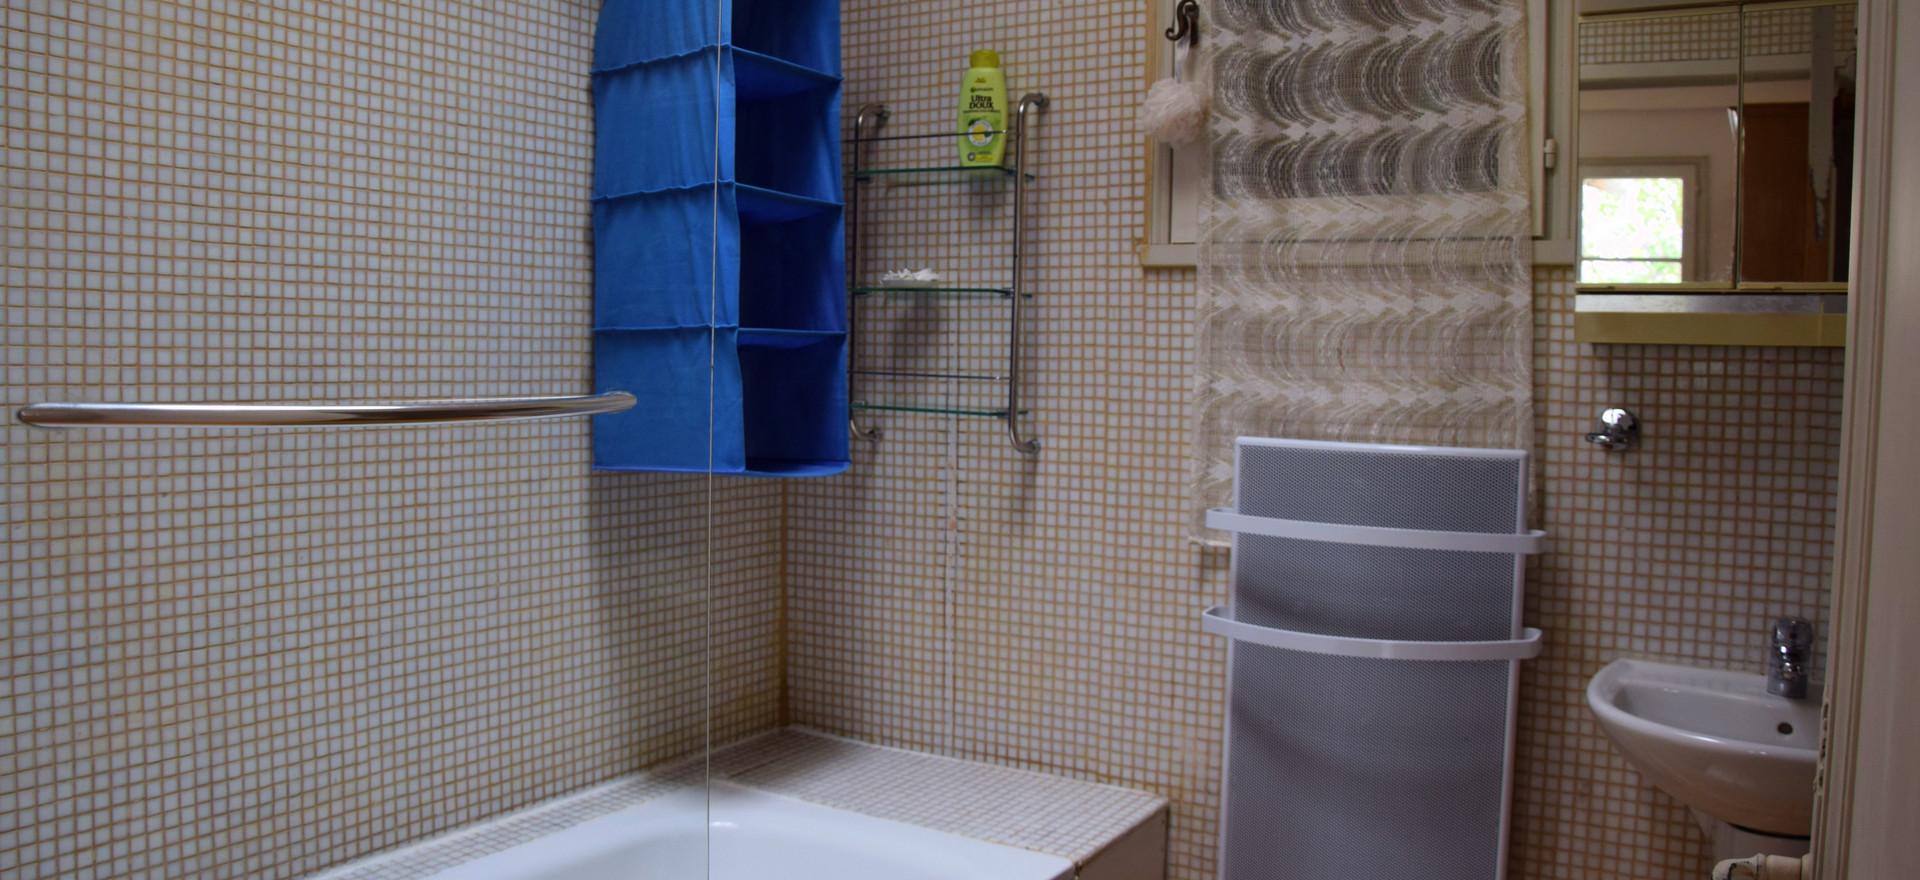 Dit is de badkamer dat gedeeld wordt door de gasten die verblijven in de oranje kamer en in het salon.